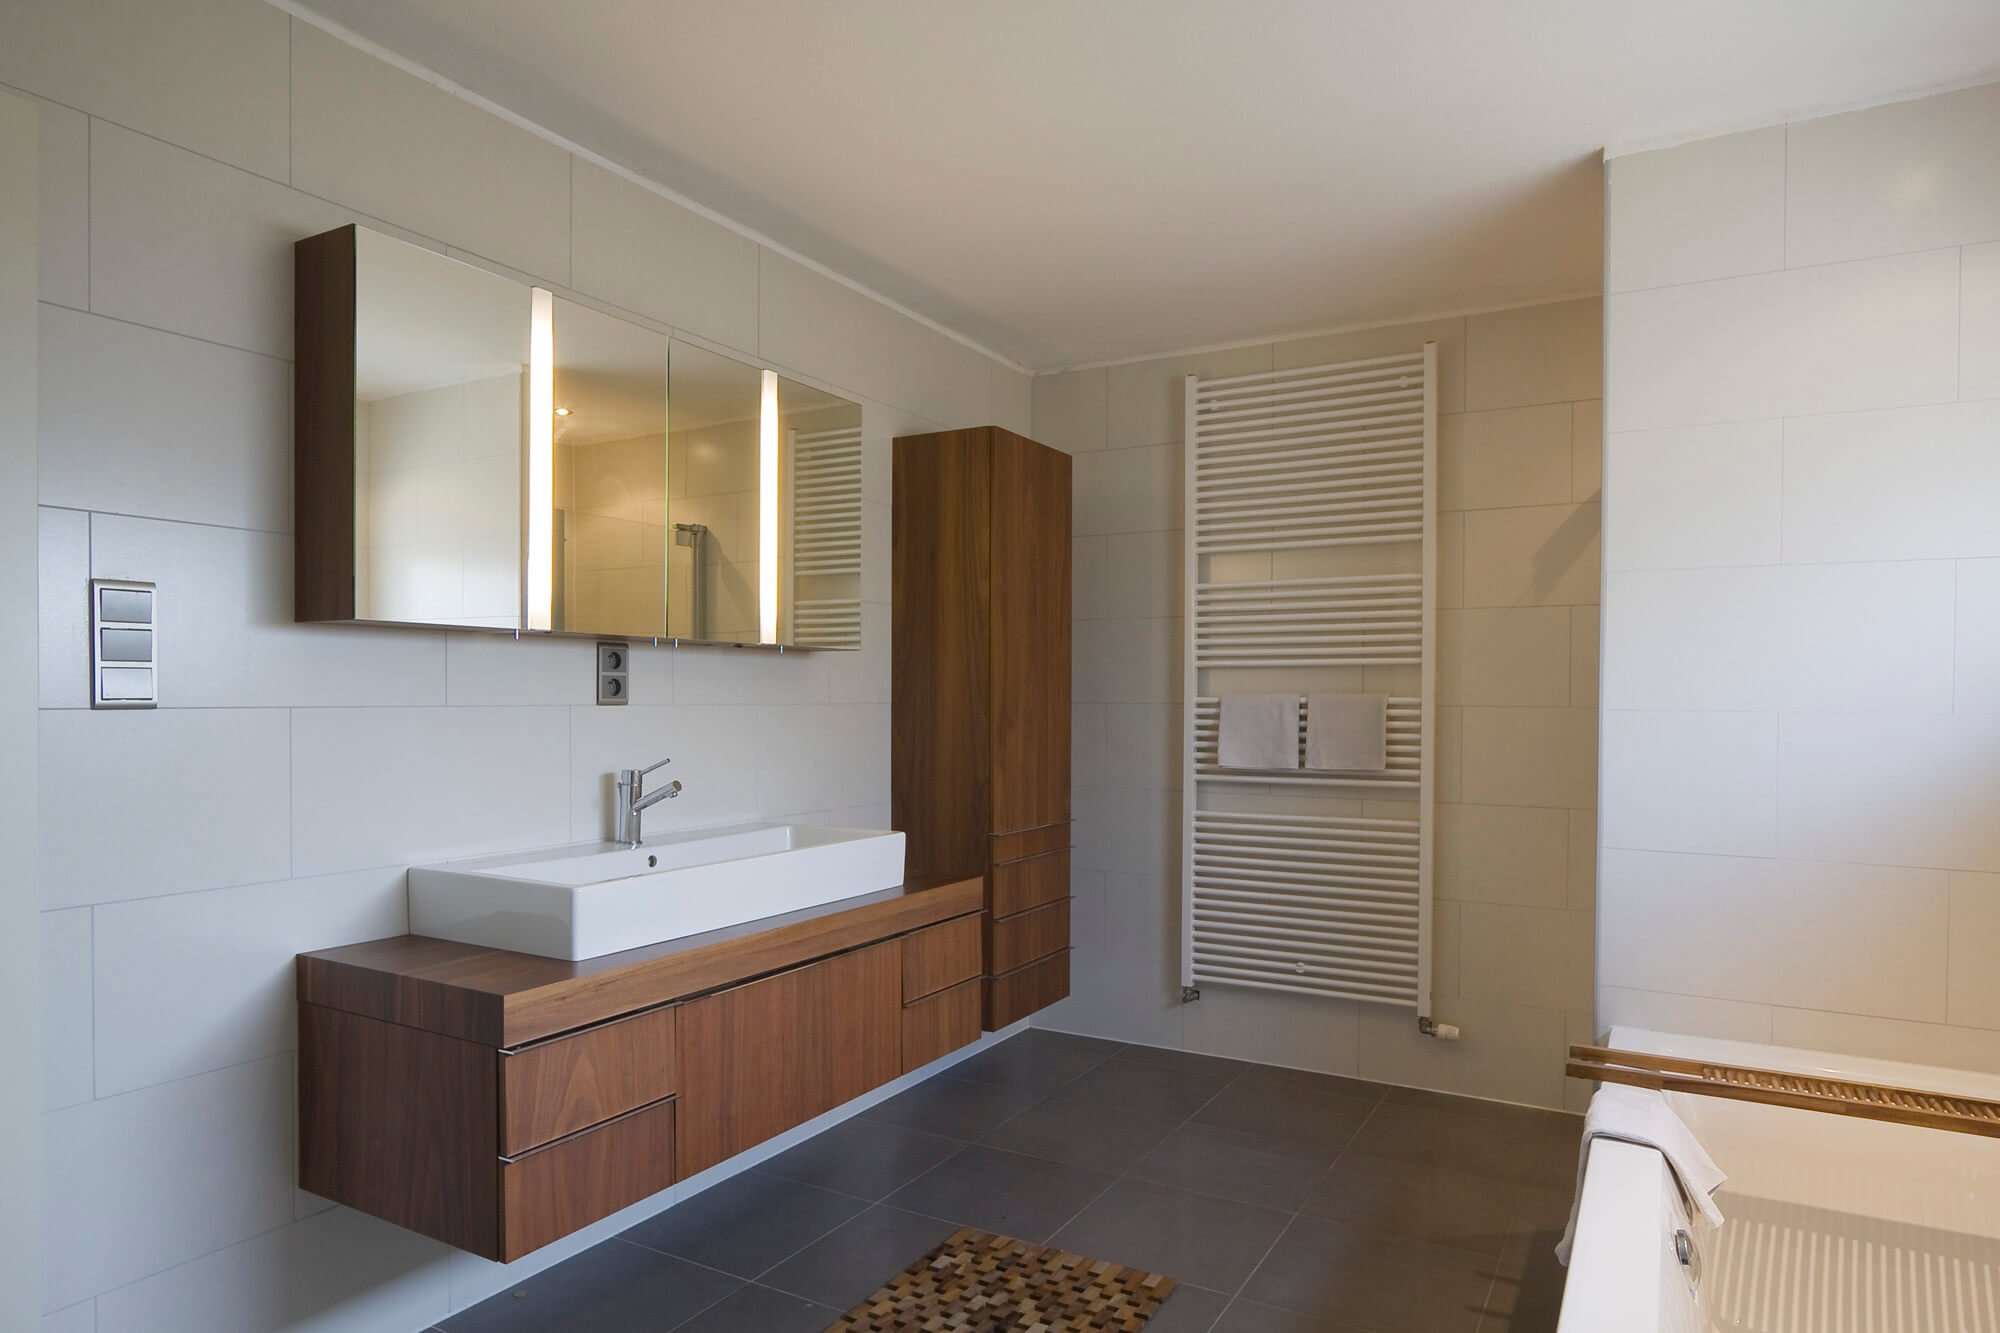 Betegelen Kleine Badkamer : Badkamer verbouwen tips badkamer verbouwen wilms